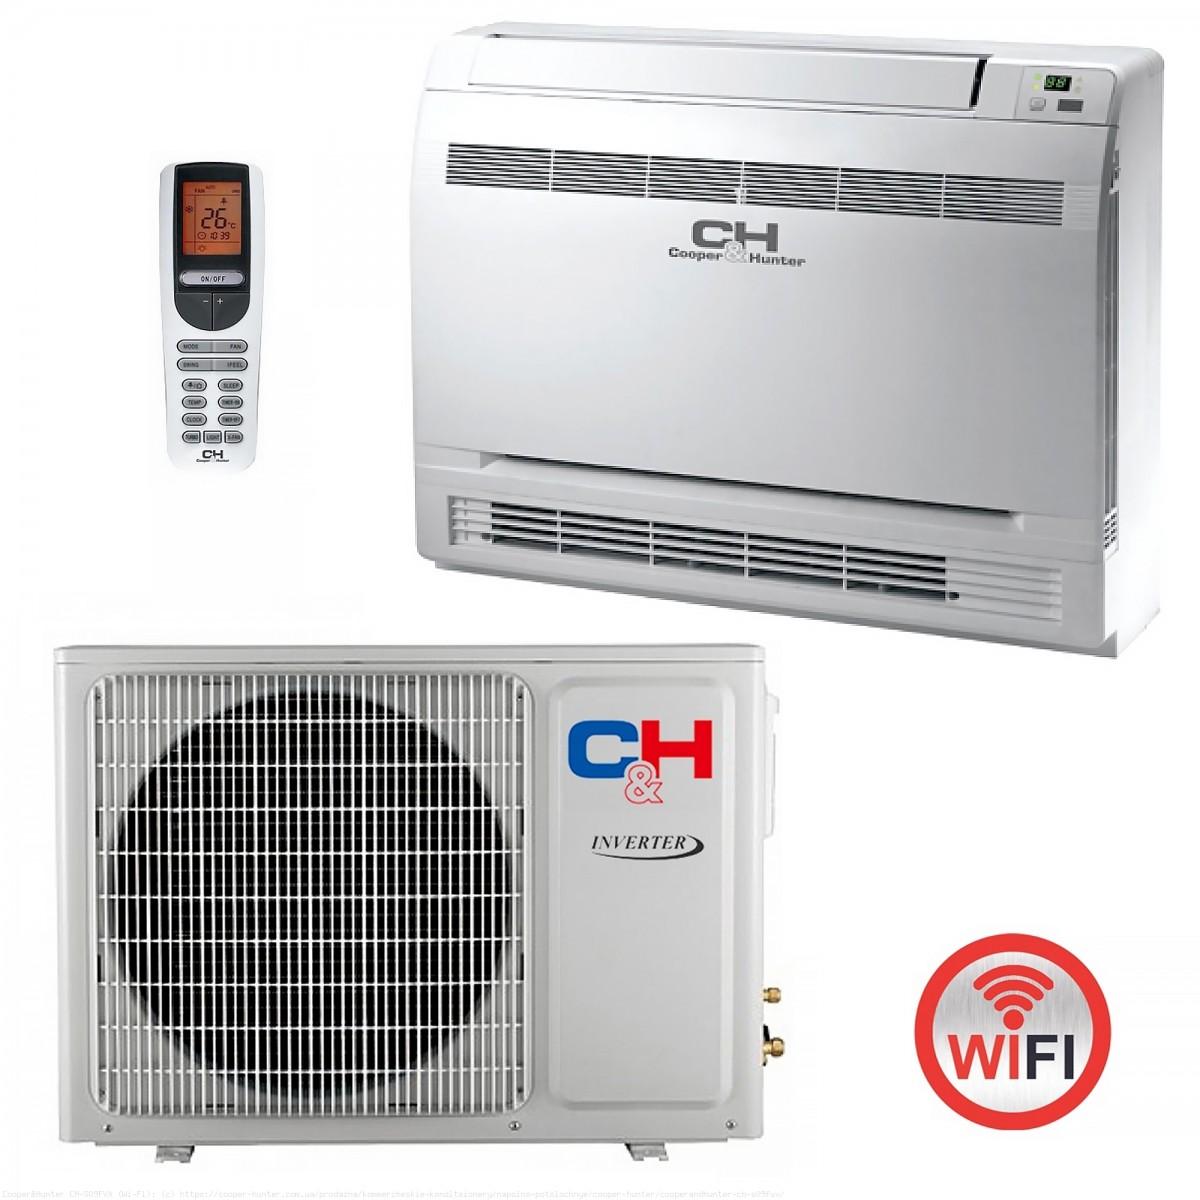 Консольный (напольный) кондиционер Cooper&Hunter CH-S18FVX (Wi-Fi)